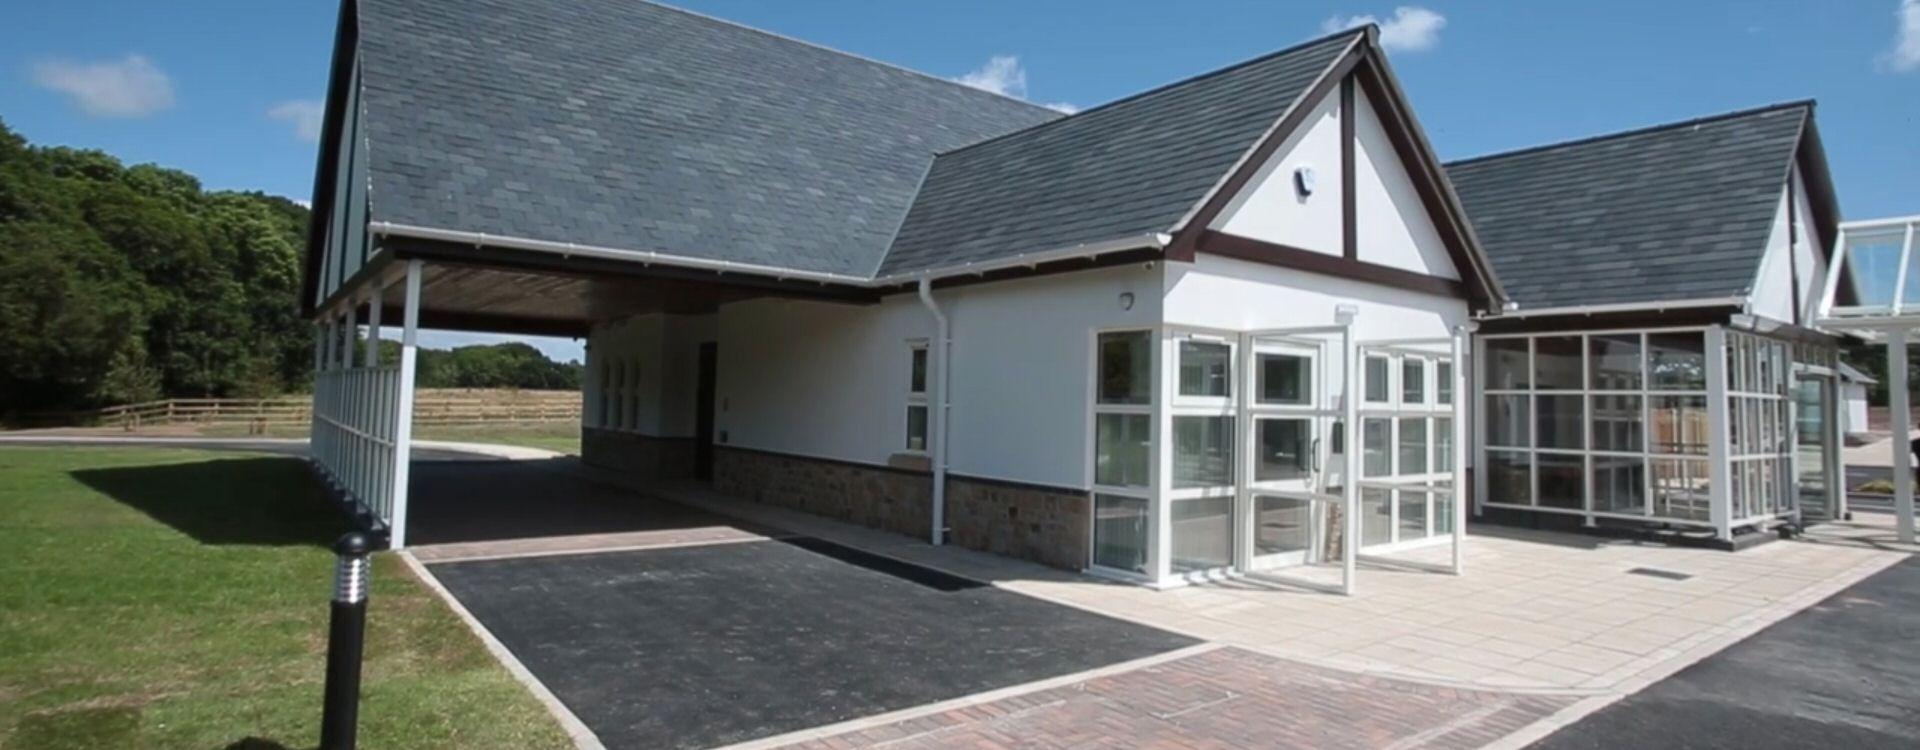 Flintshire Memorial Park and Crematorium